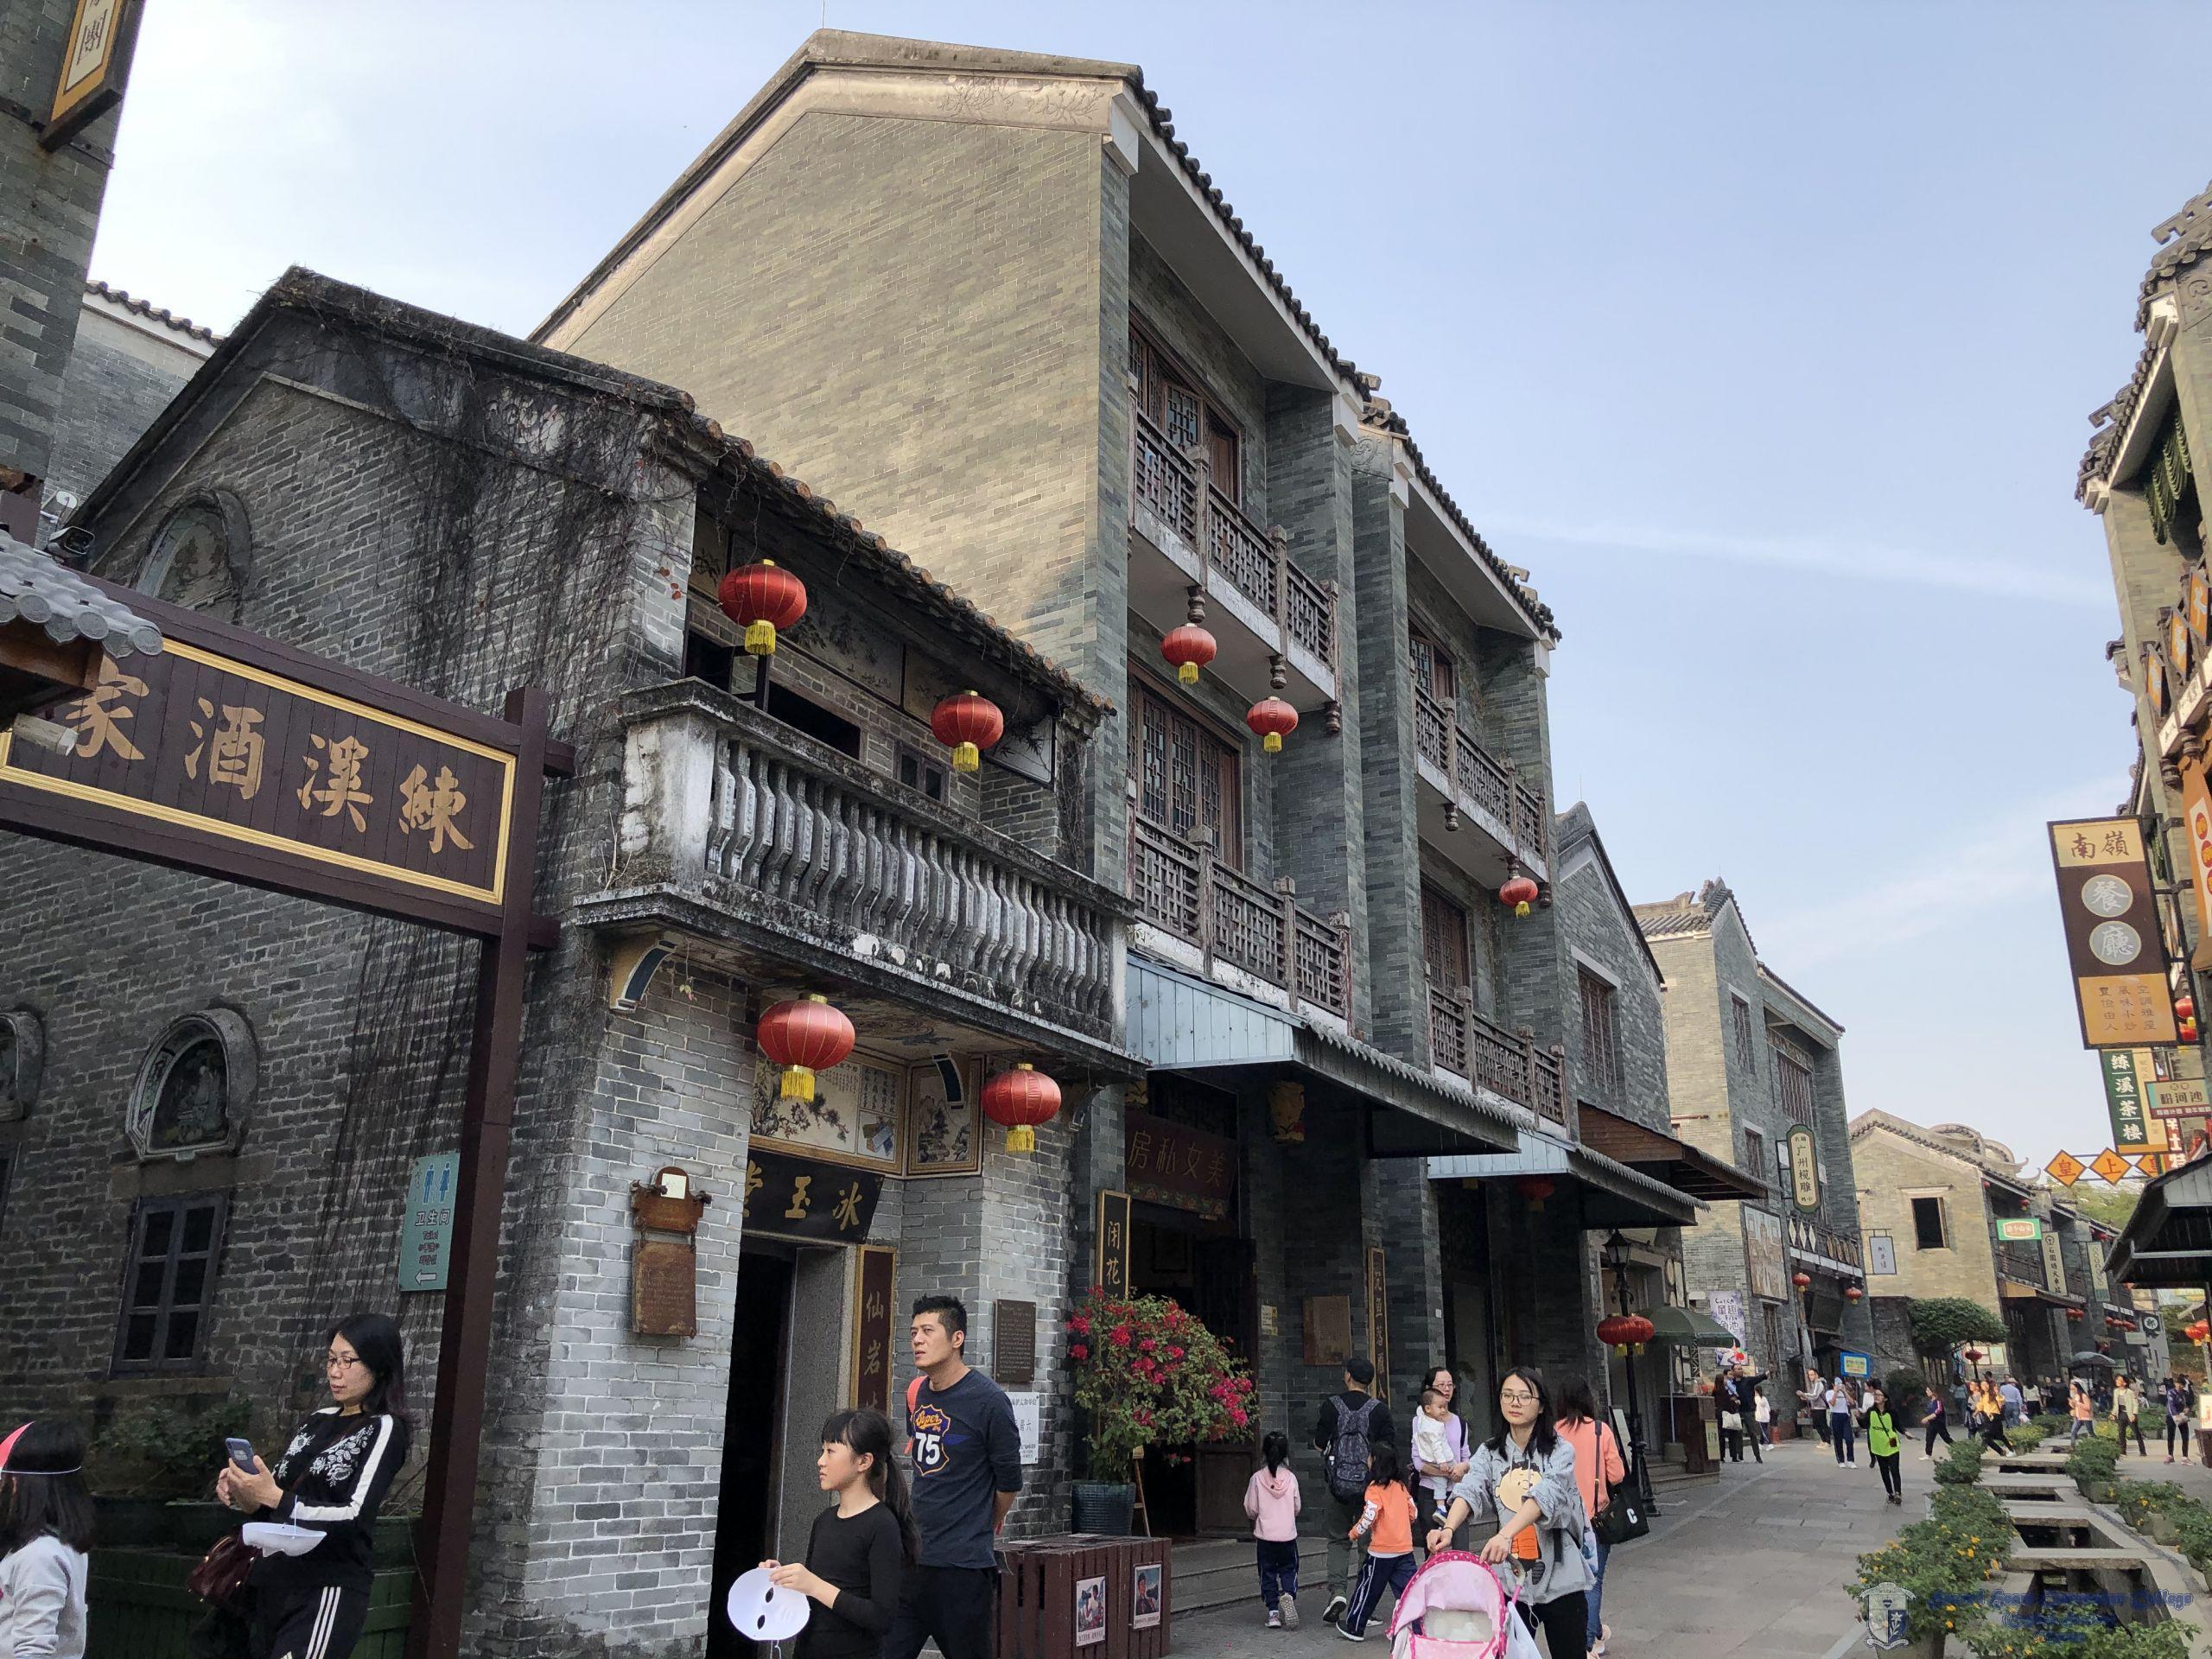 參加者暢遊嶺南印象園中的傳統建築群